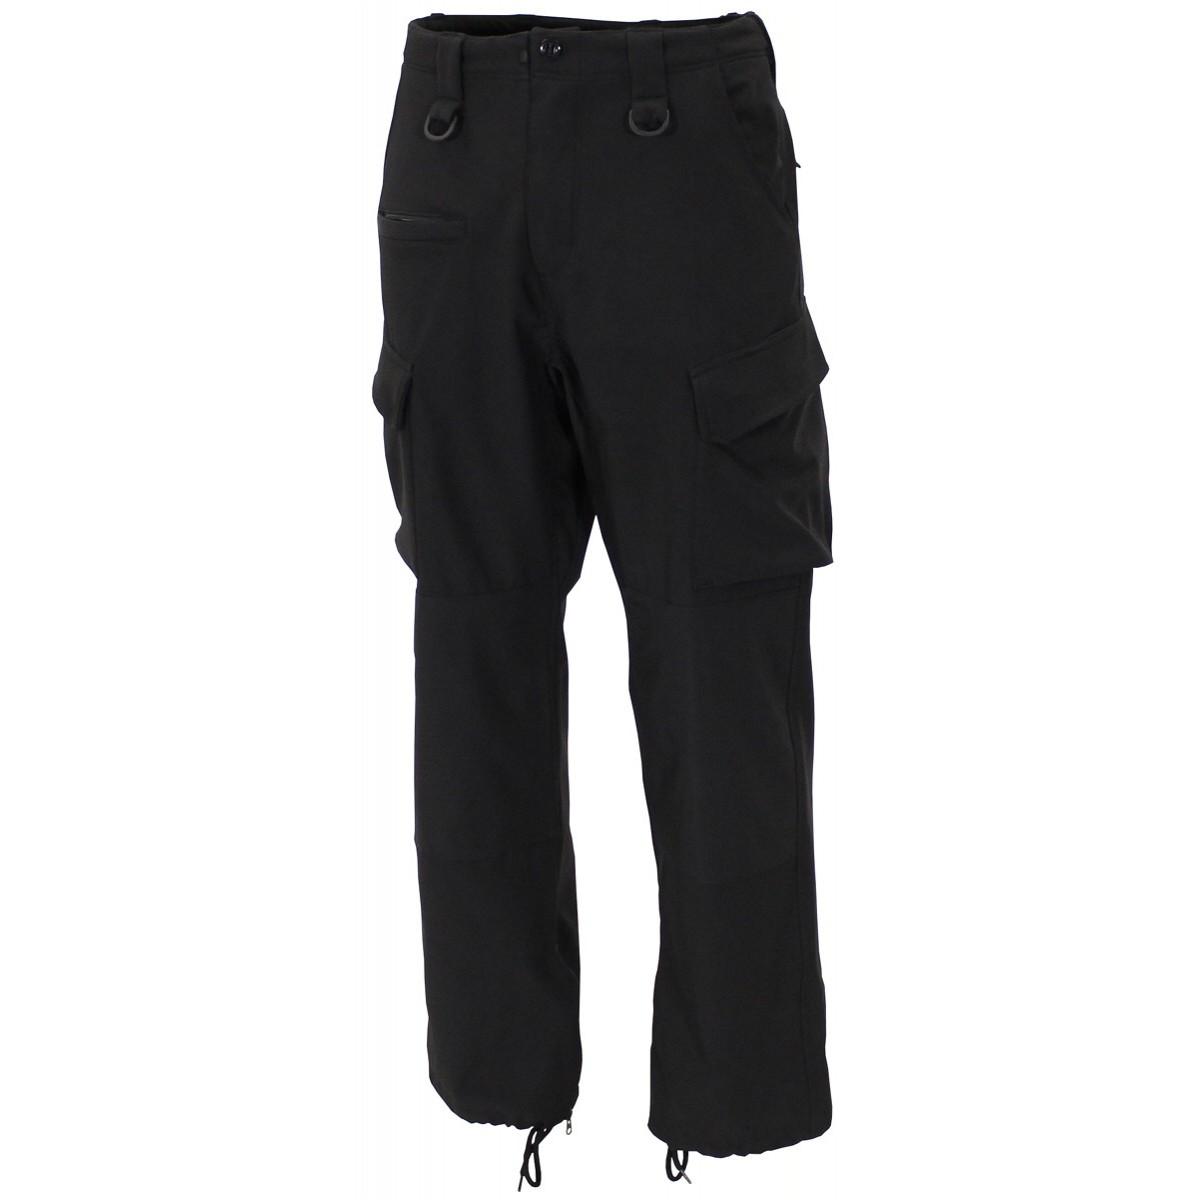 Pantalone soft shell